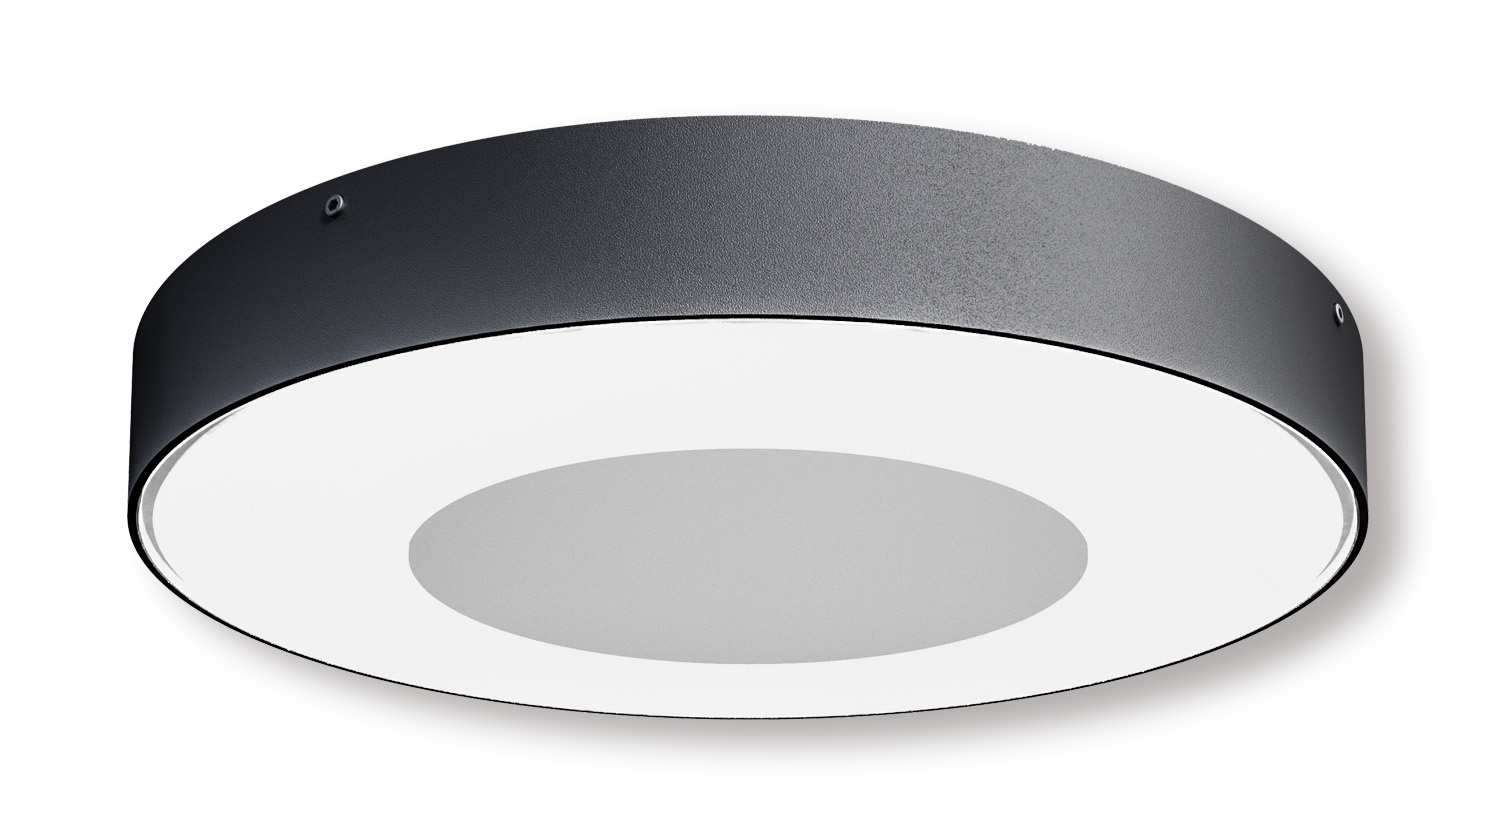 Lampenlux Außenleuchte Negro Aluminium Schwarz 2500lm 25W LED IP54 Ø27cm